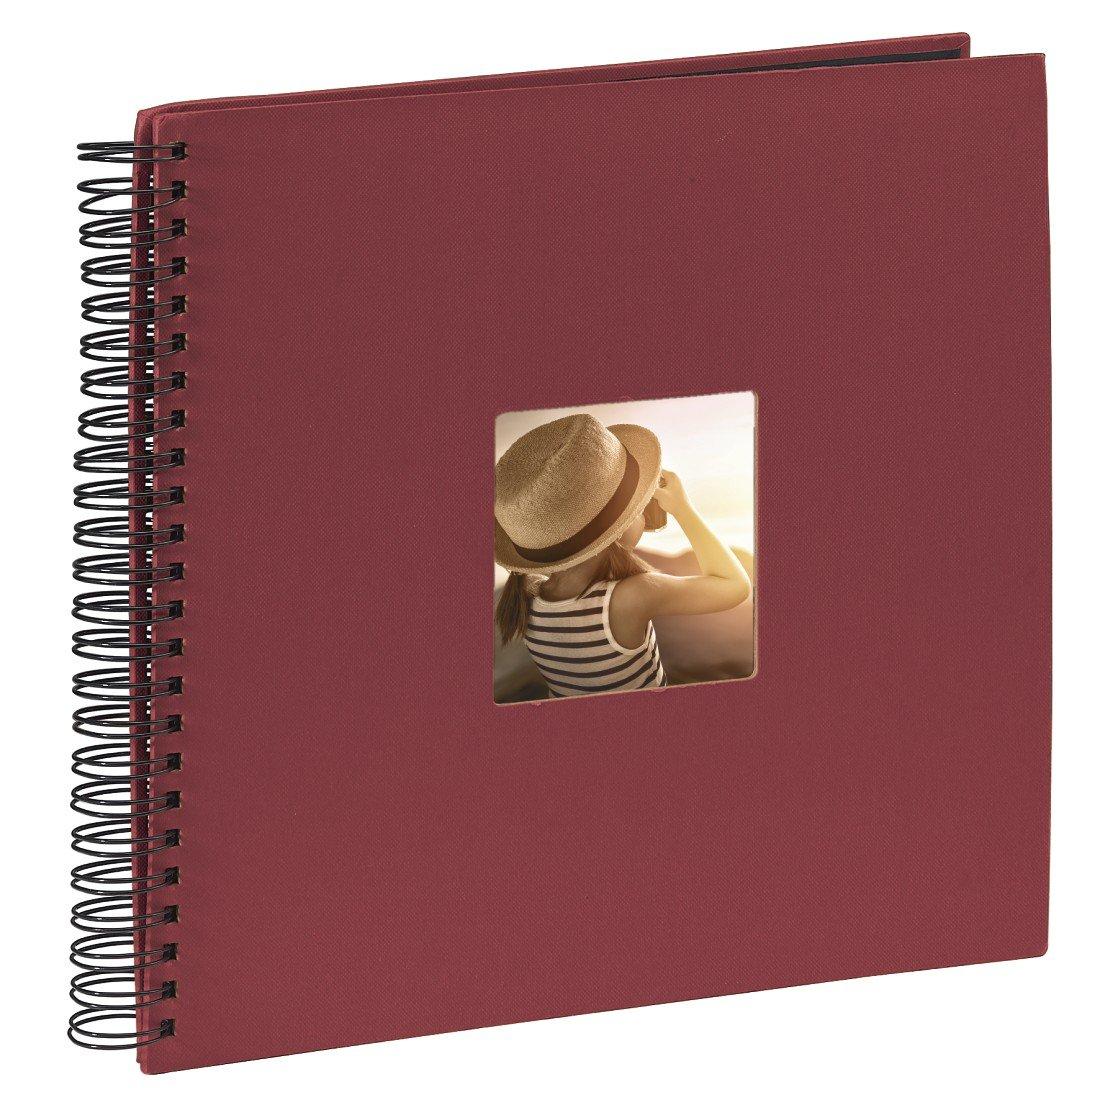 Hama Fine Art - Álbum de fotos, 50 páginas negras (25 hojas), álbum con espiral, 36 x 32 cm, con compartimento para insertar foto, lila 00094871